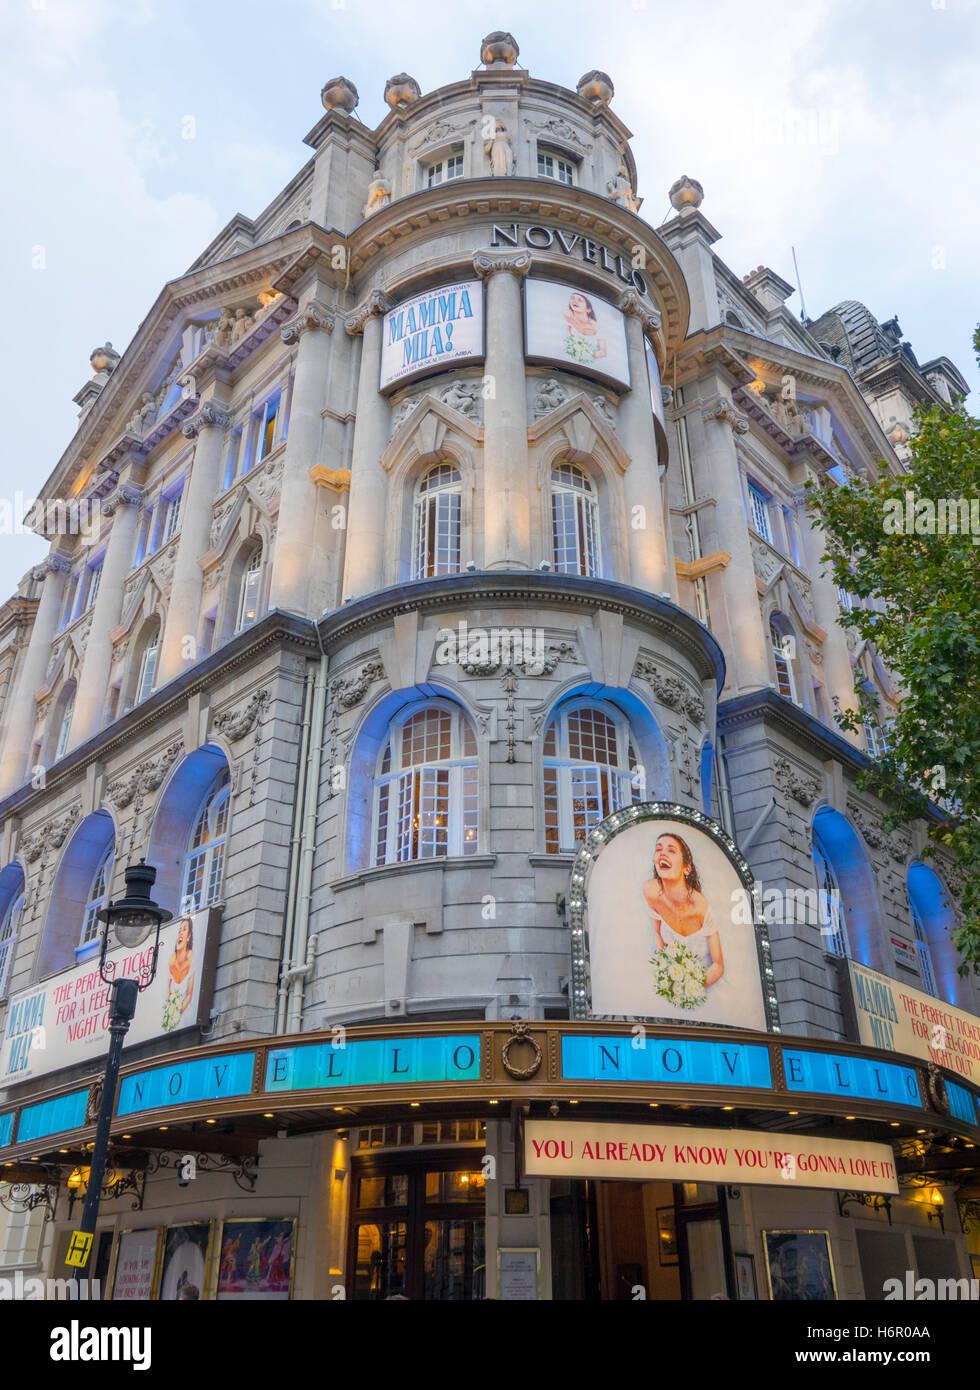 The ABBA Musical Mamma Mia At Novello Theatre In London